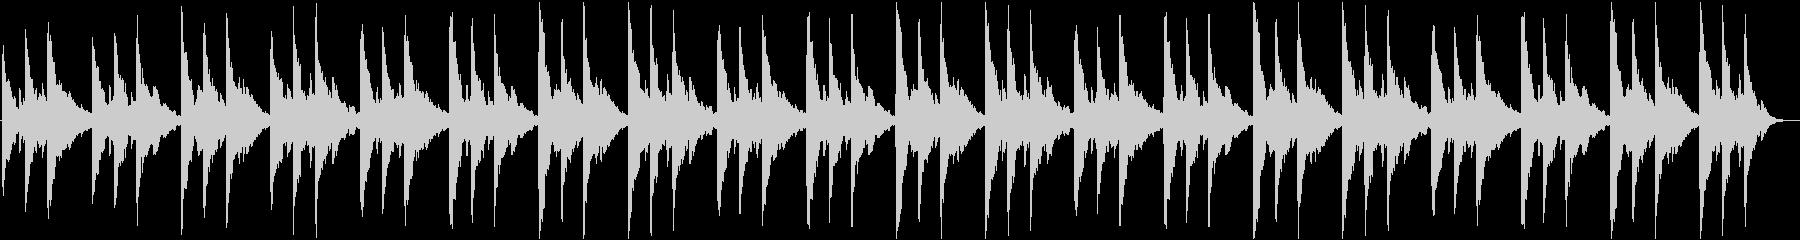 幻想的なBGM1の未再生の波形